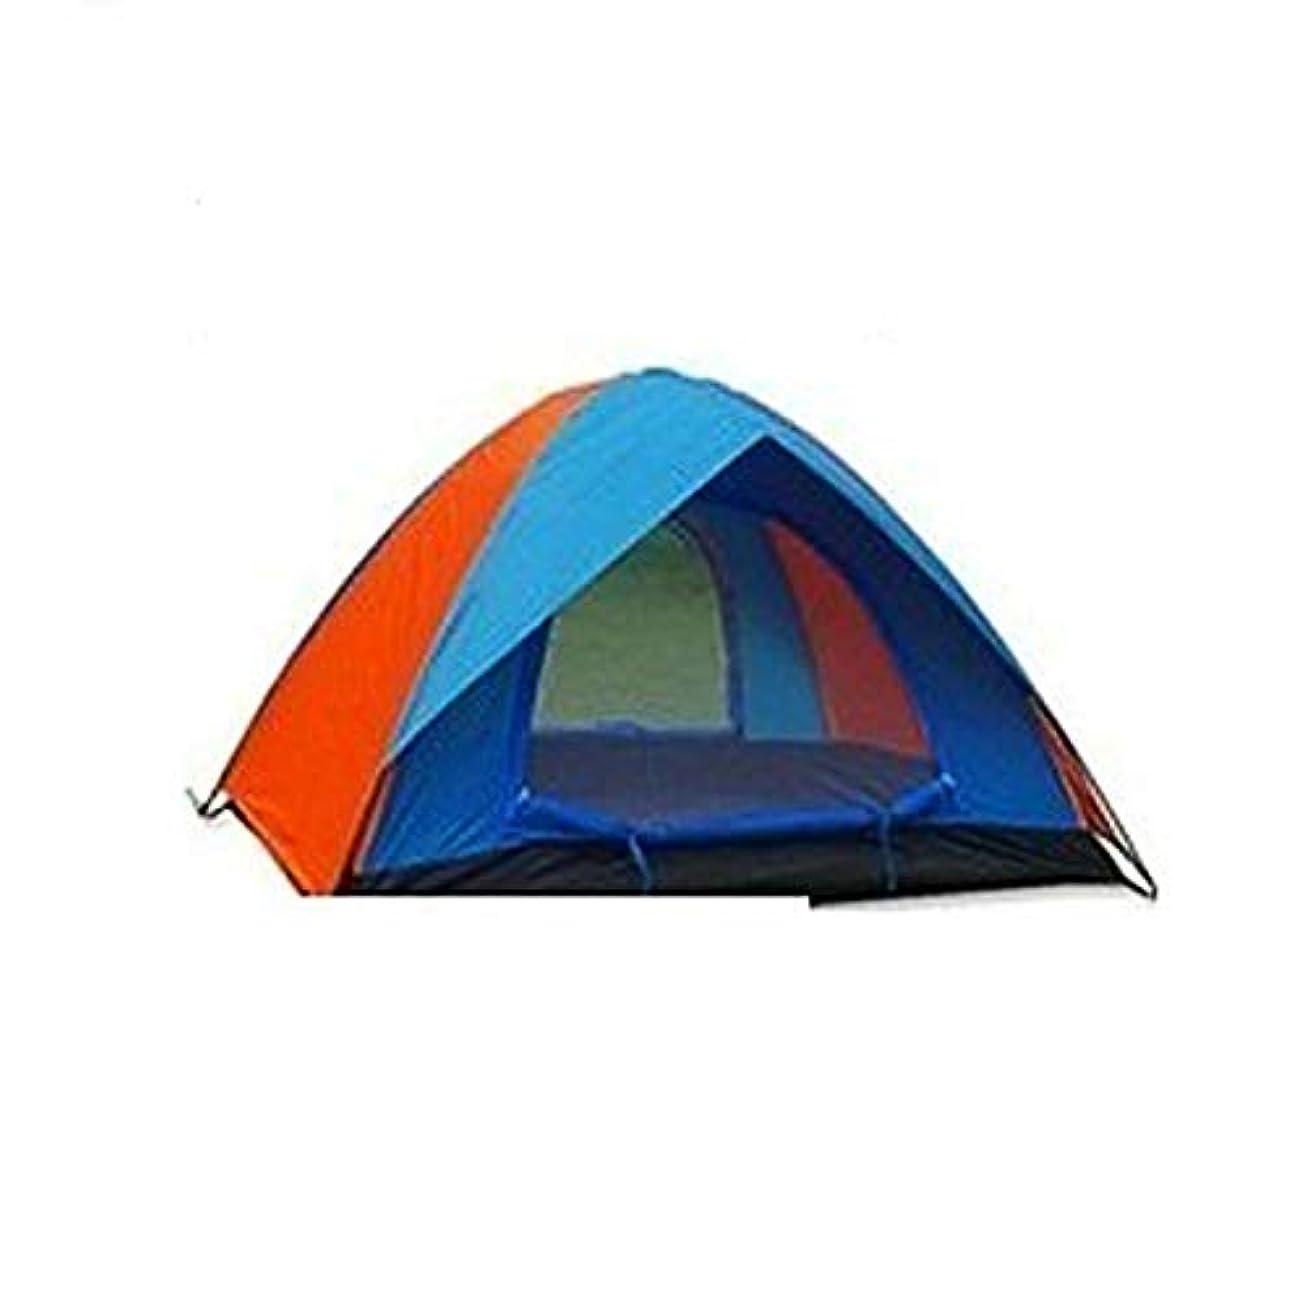 危険な非互換プレフィックス新しいアウトドアキャンプグラスファイバーポールスポーツ用品マウンテンキャンプ用品ダブルテント